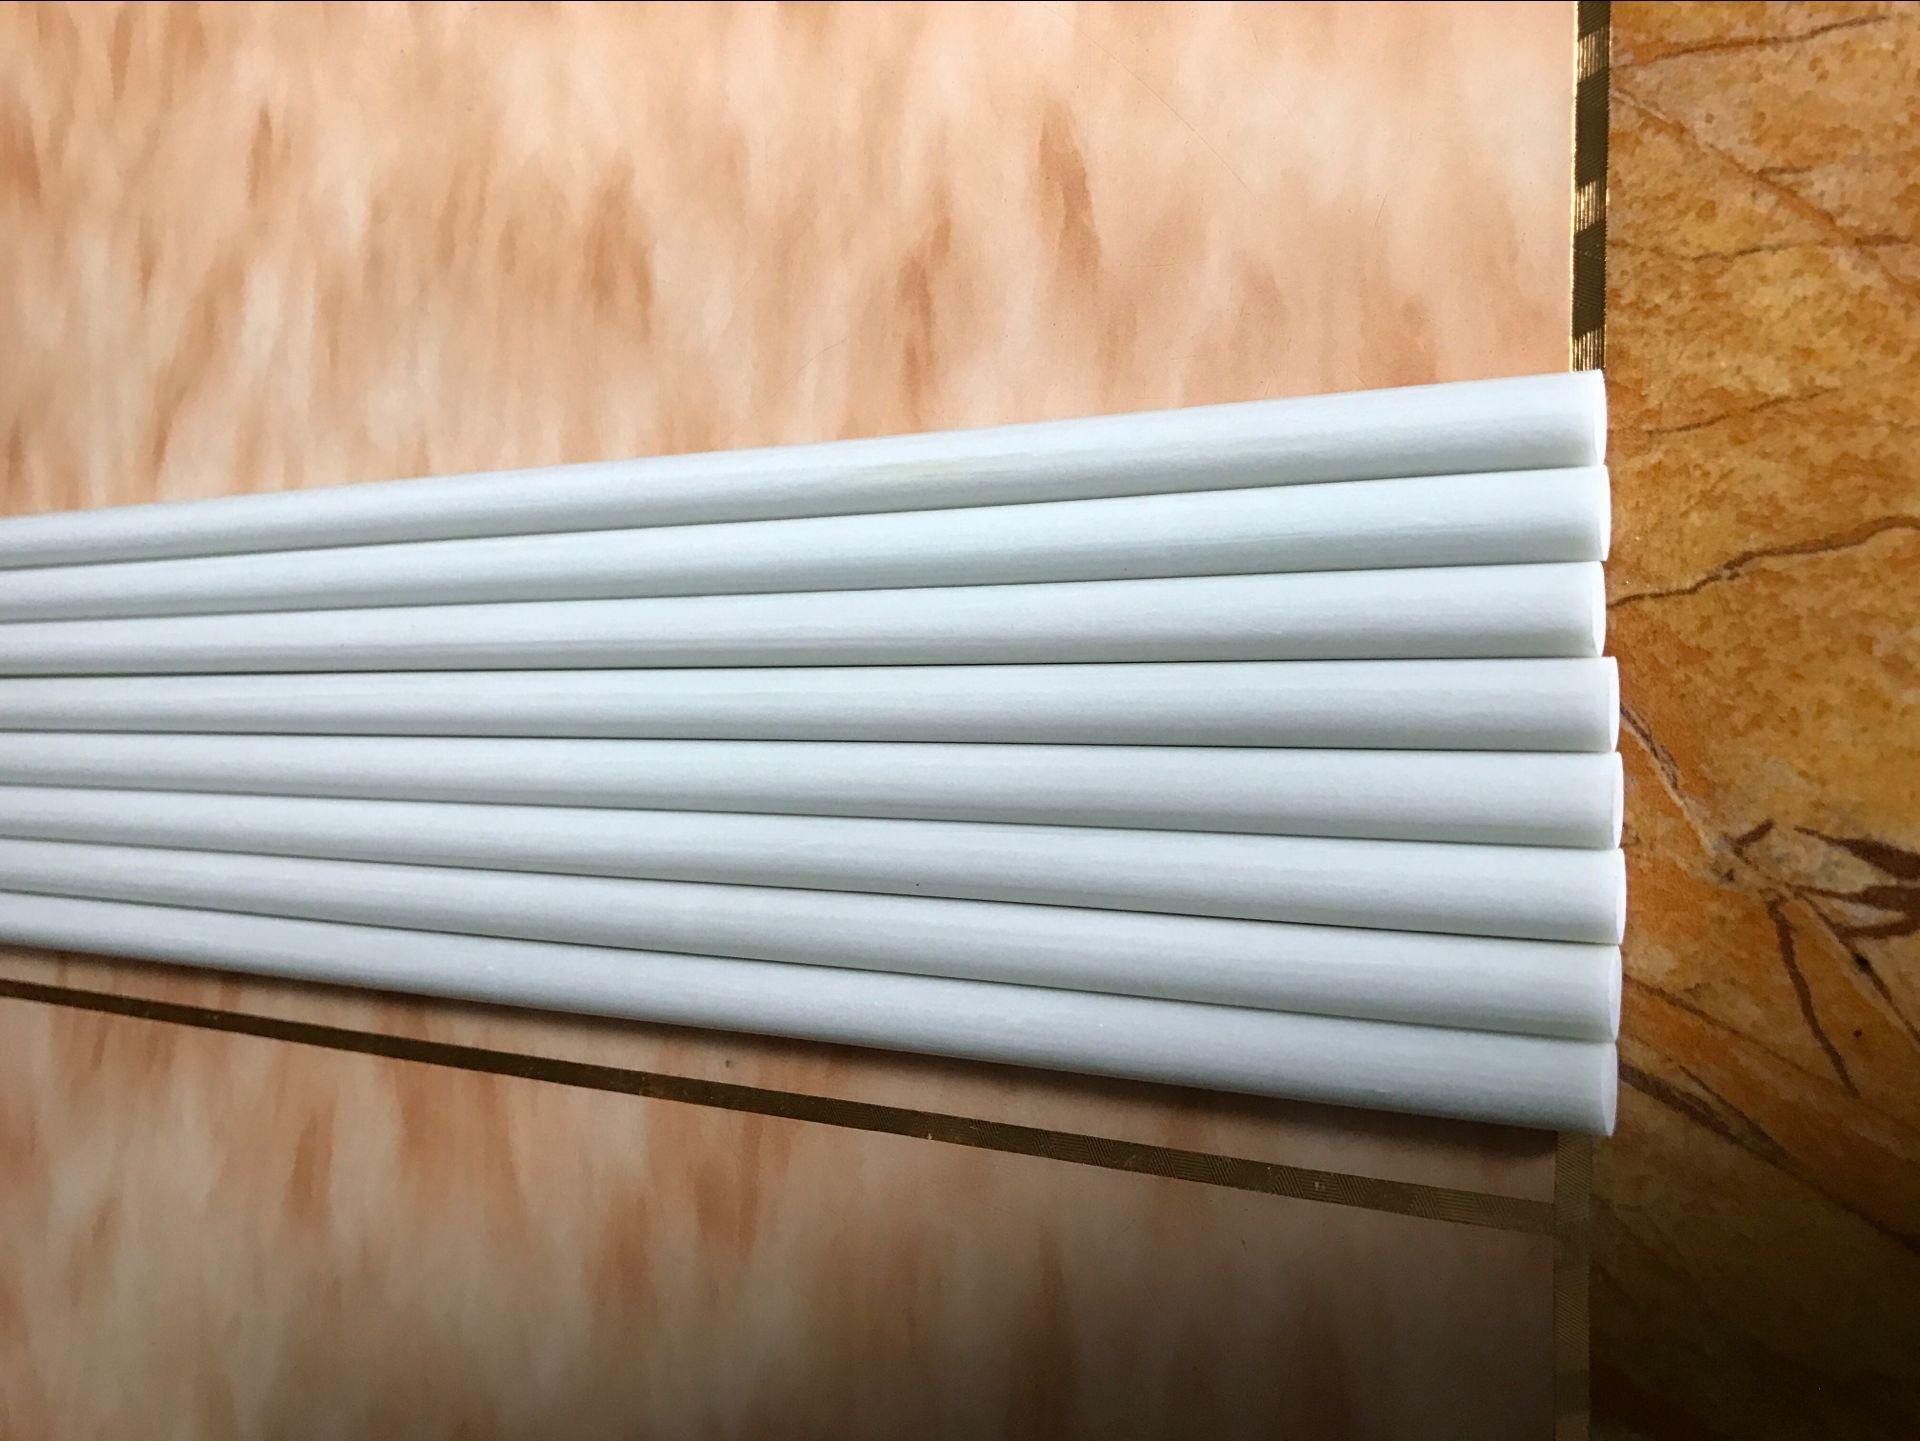 东莞祥厂家订做小拱棚5mm纤维棒玻璃纤维棒7mm高尔夫彩色方向棒